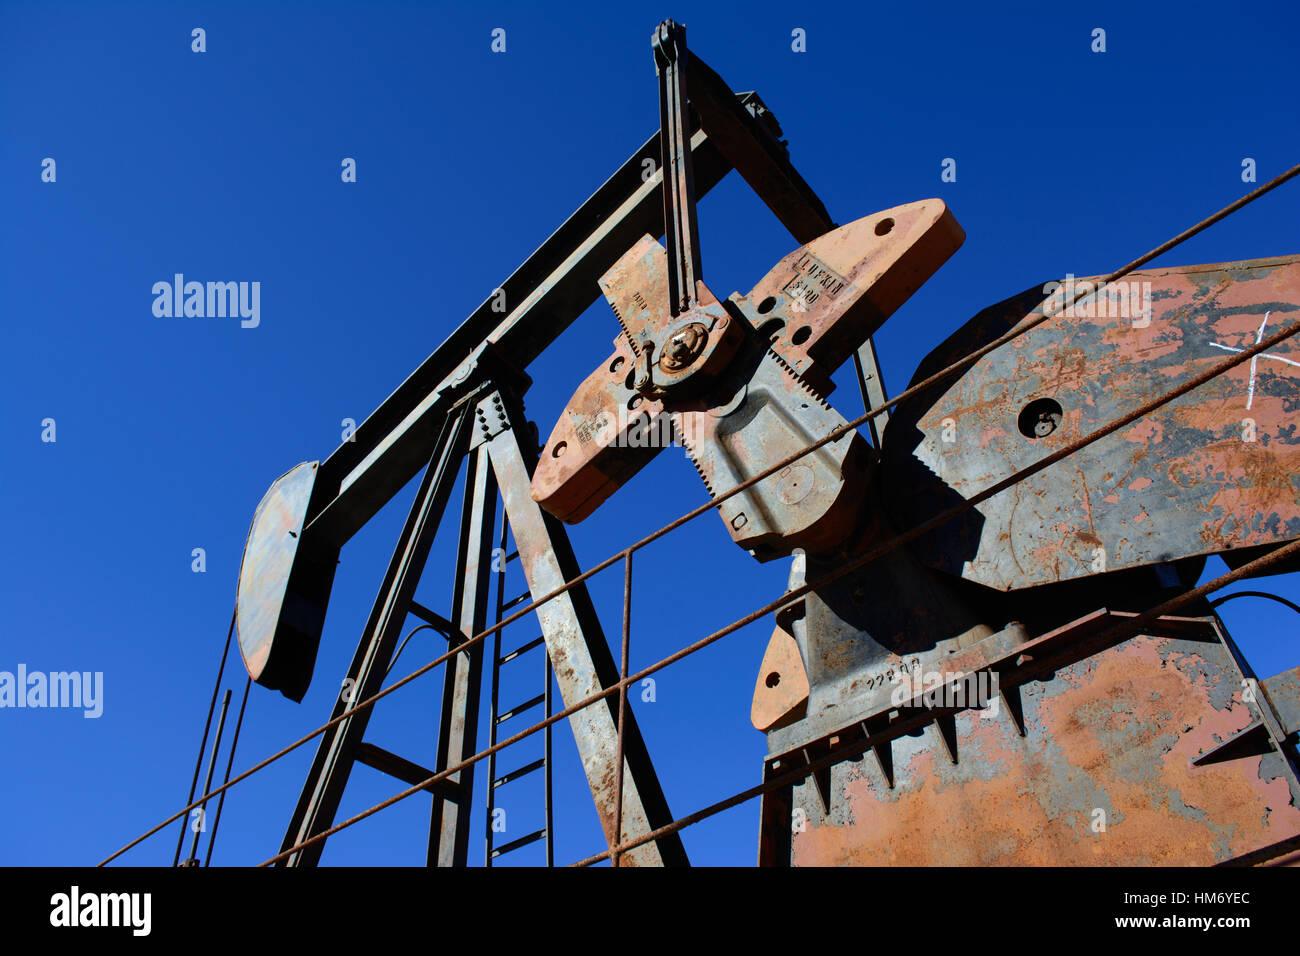 Rusty Oilfield Pumpjack (10-12) sur un puits. Fond de Ciel bleu clair. La vie illustre oilfield, secteur du pétrole Photo Stock